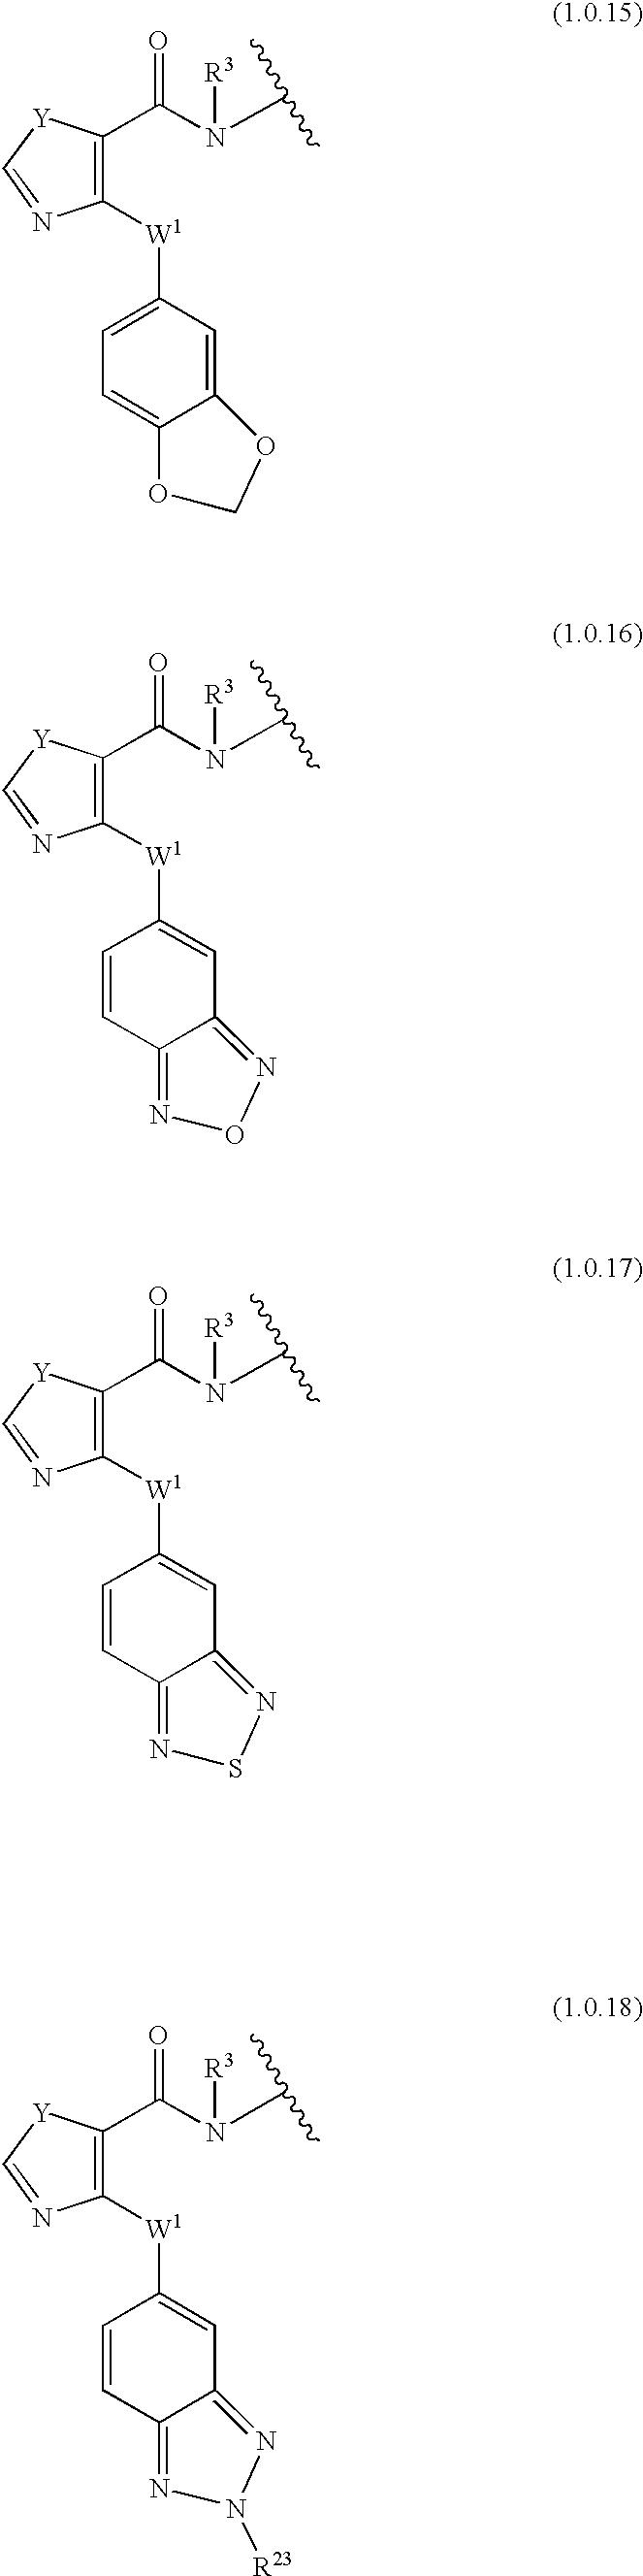 Figure US20020123520A1-20020905-C00079